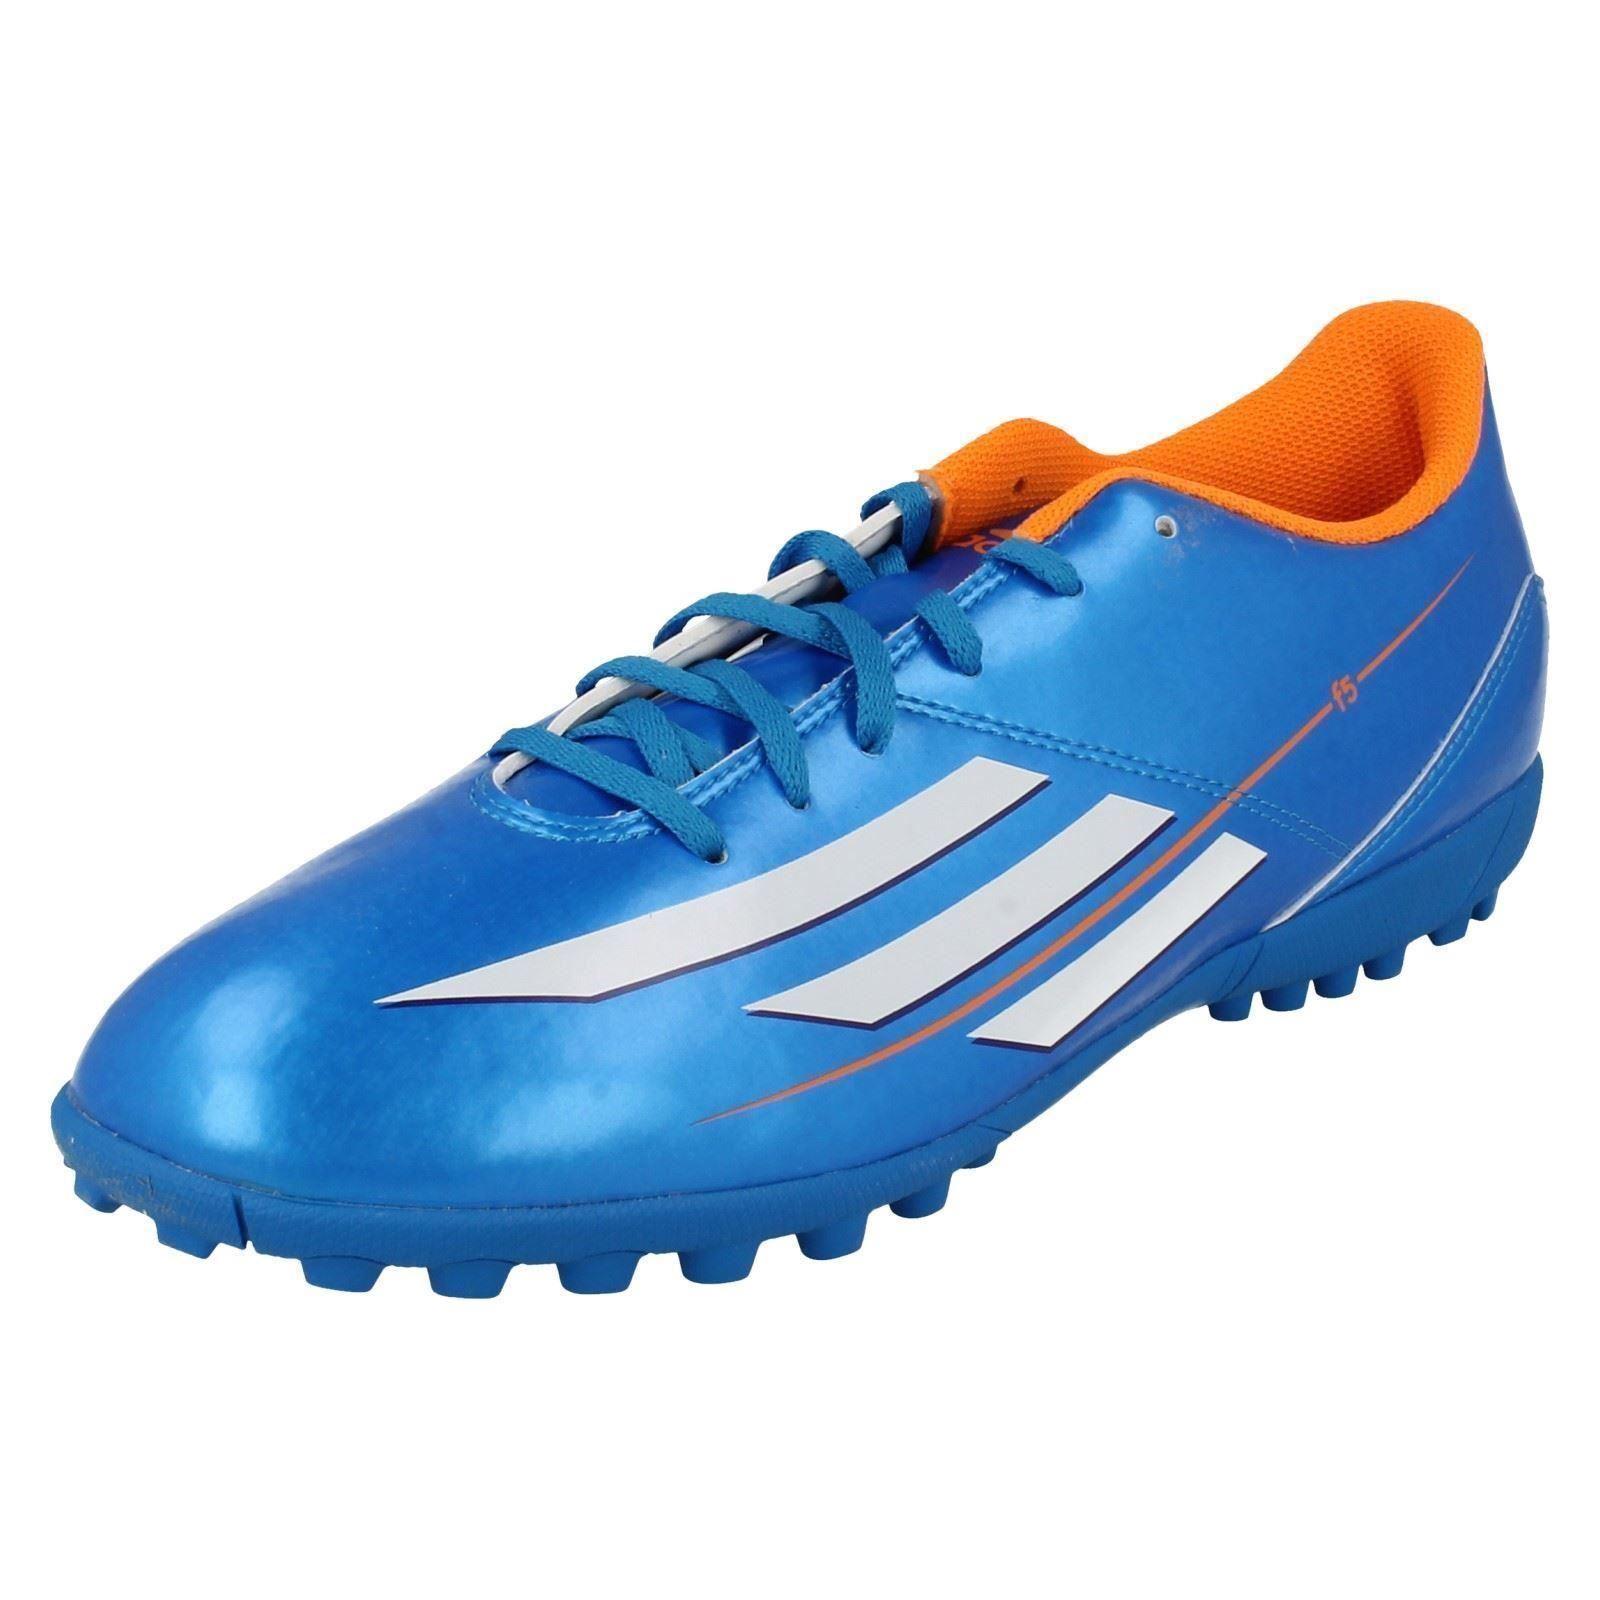 Adidas F32763  F5 TRX TF Mens bluee White Football Boots (R19B)